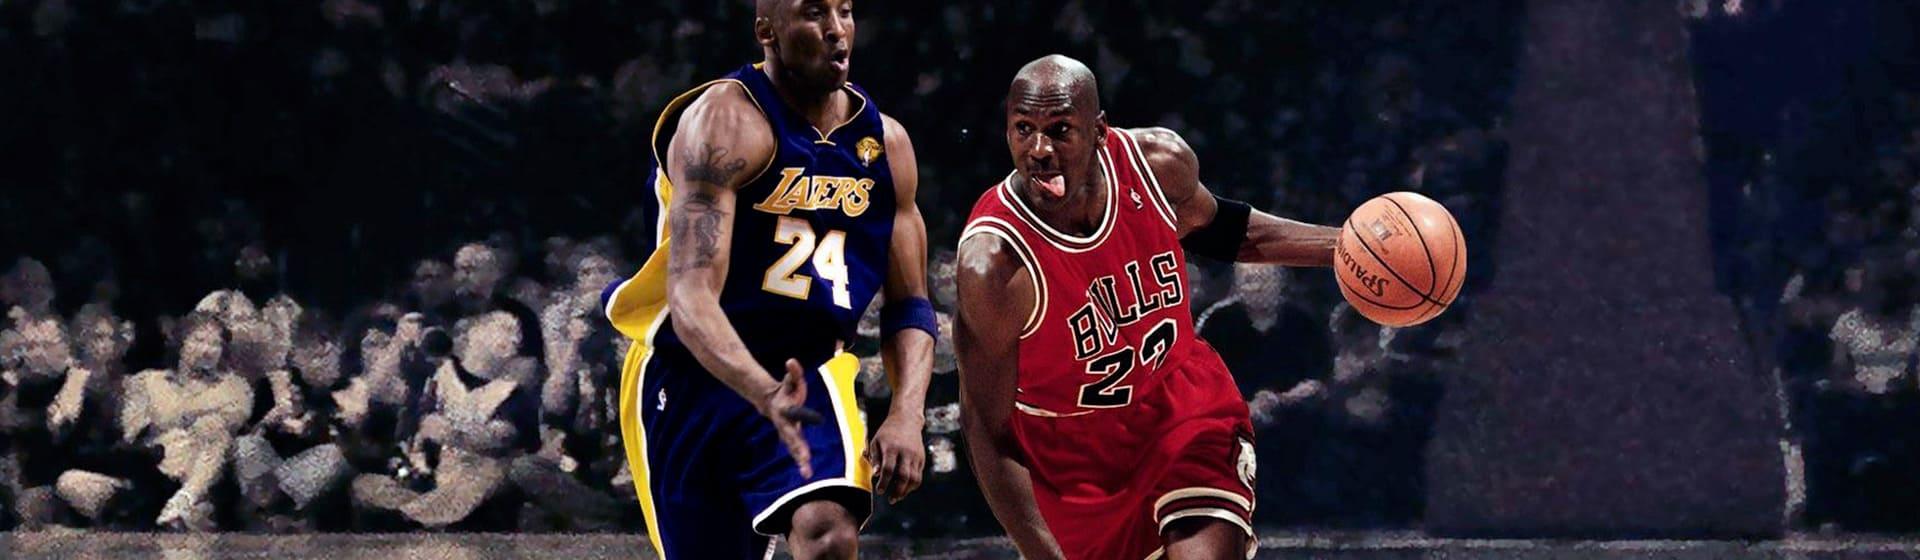 Баскетбол - Мерч и одежда с атрибутикой